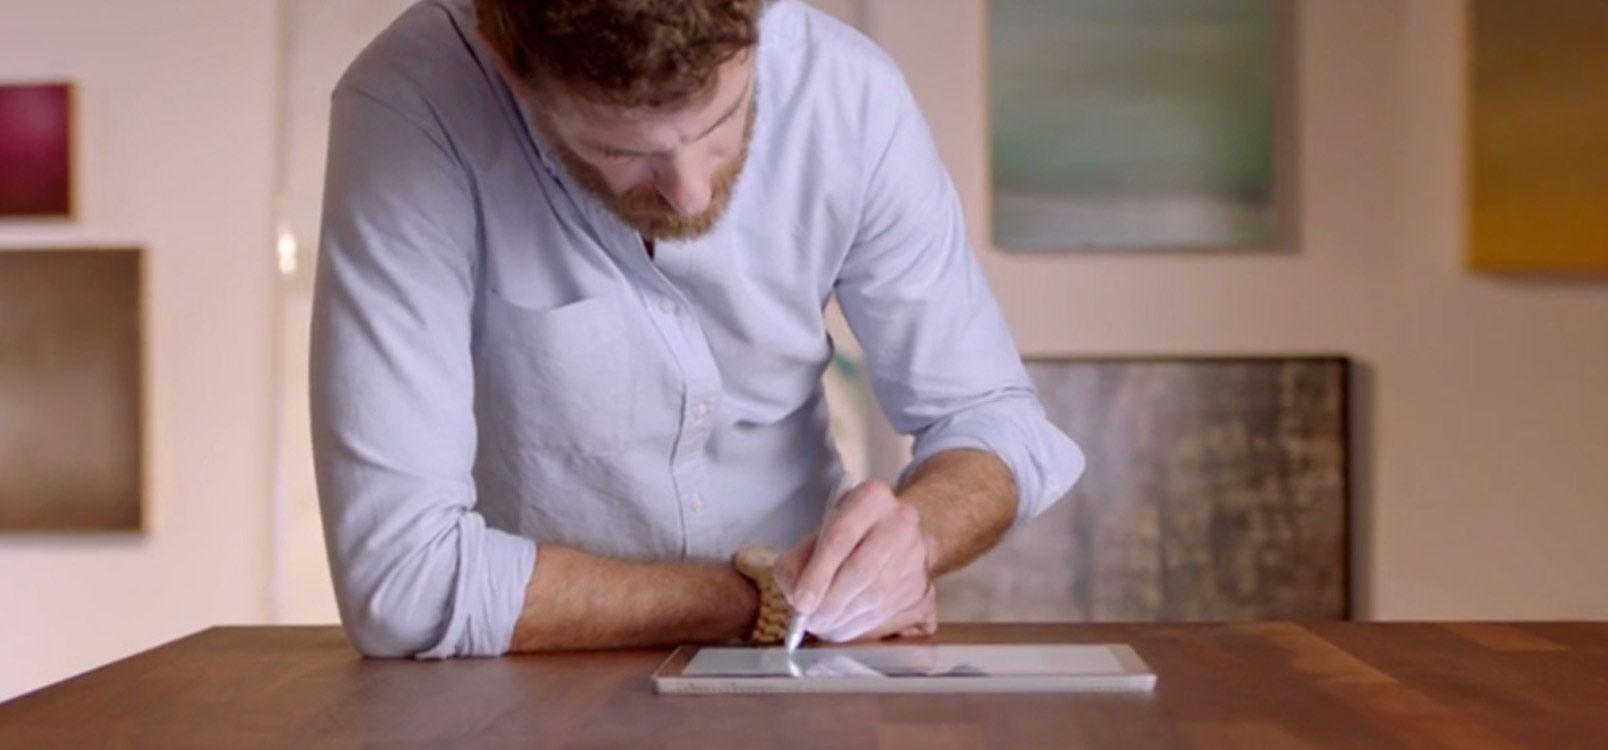 שני אנשים מביטים במסך של טלפון, קבל מידע על שיתוף פעולה עם אנשים אחרים ב- Office